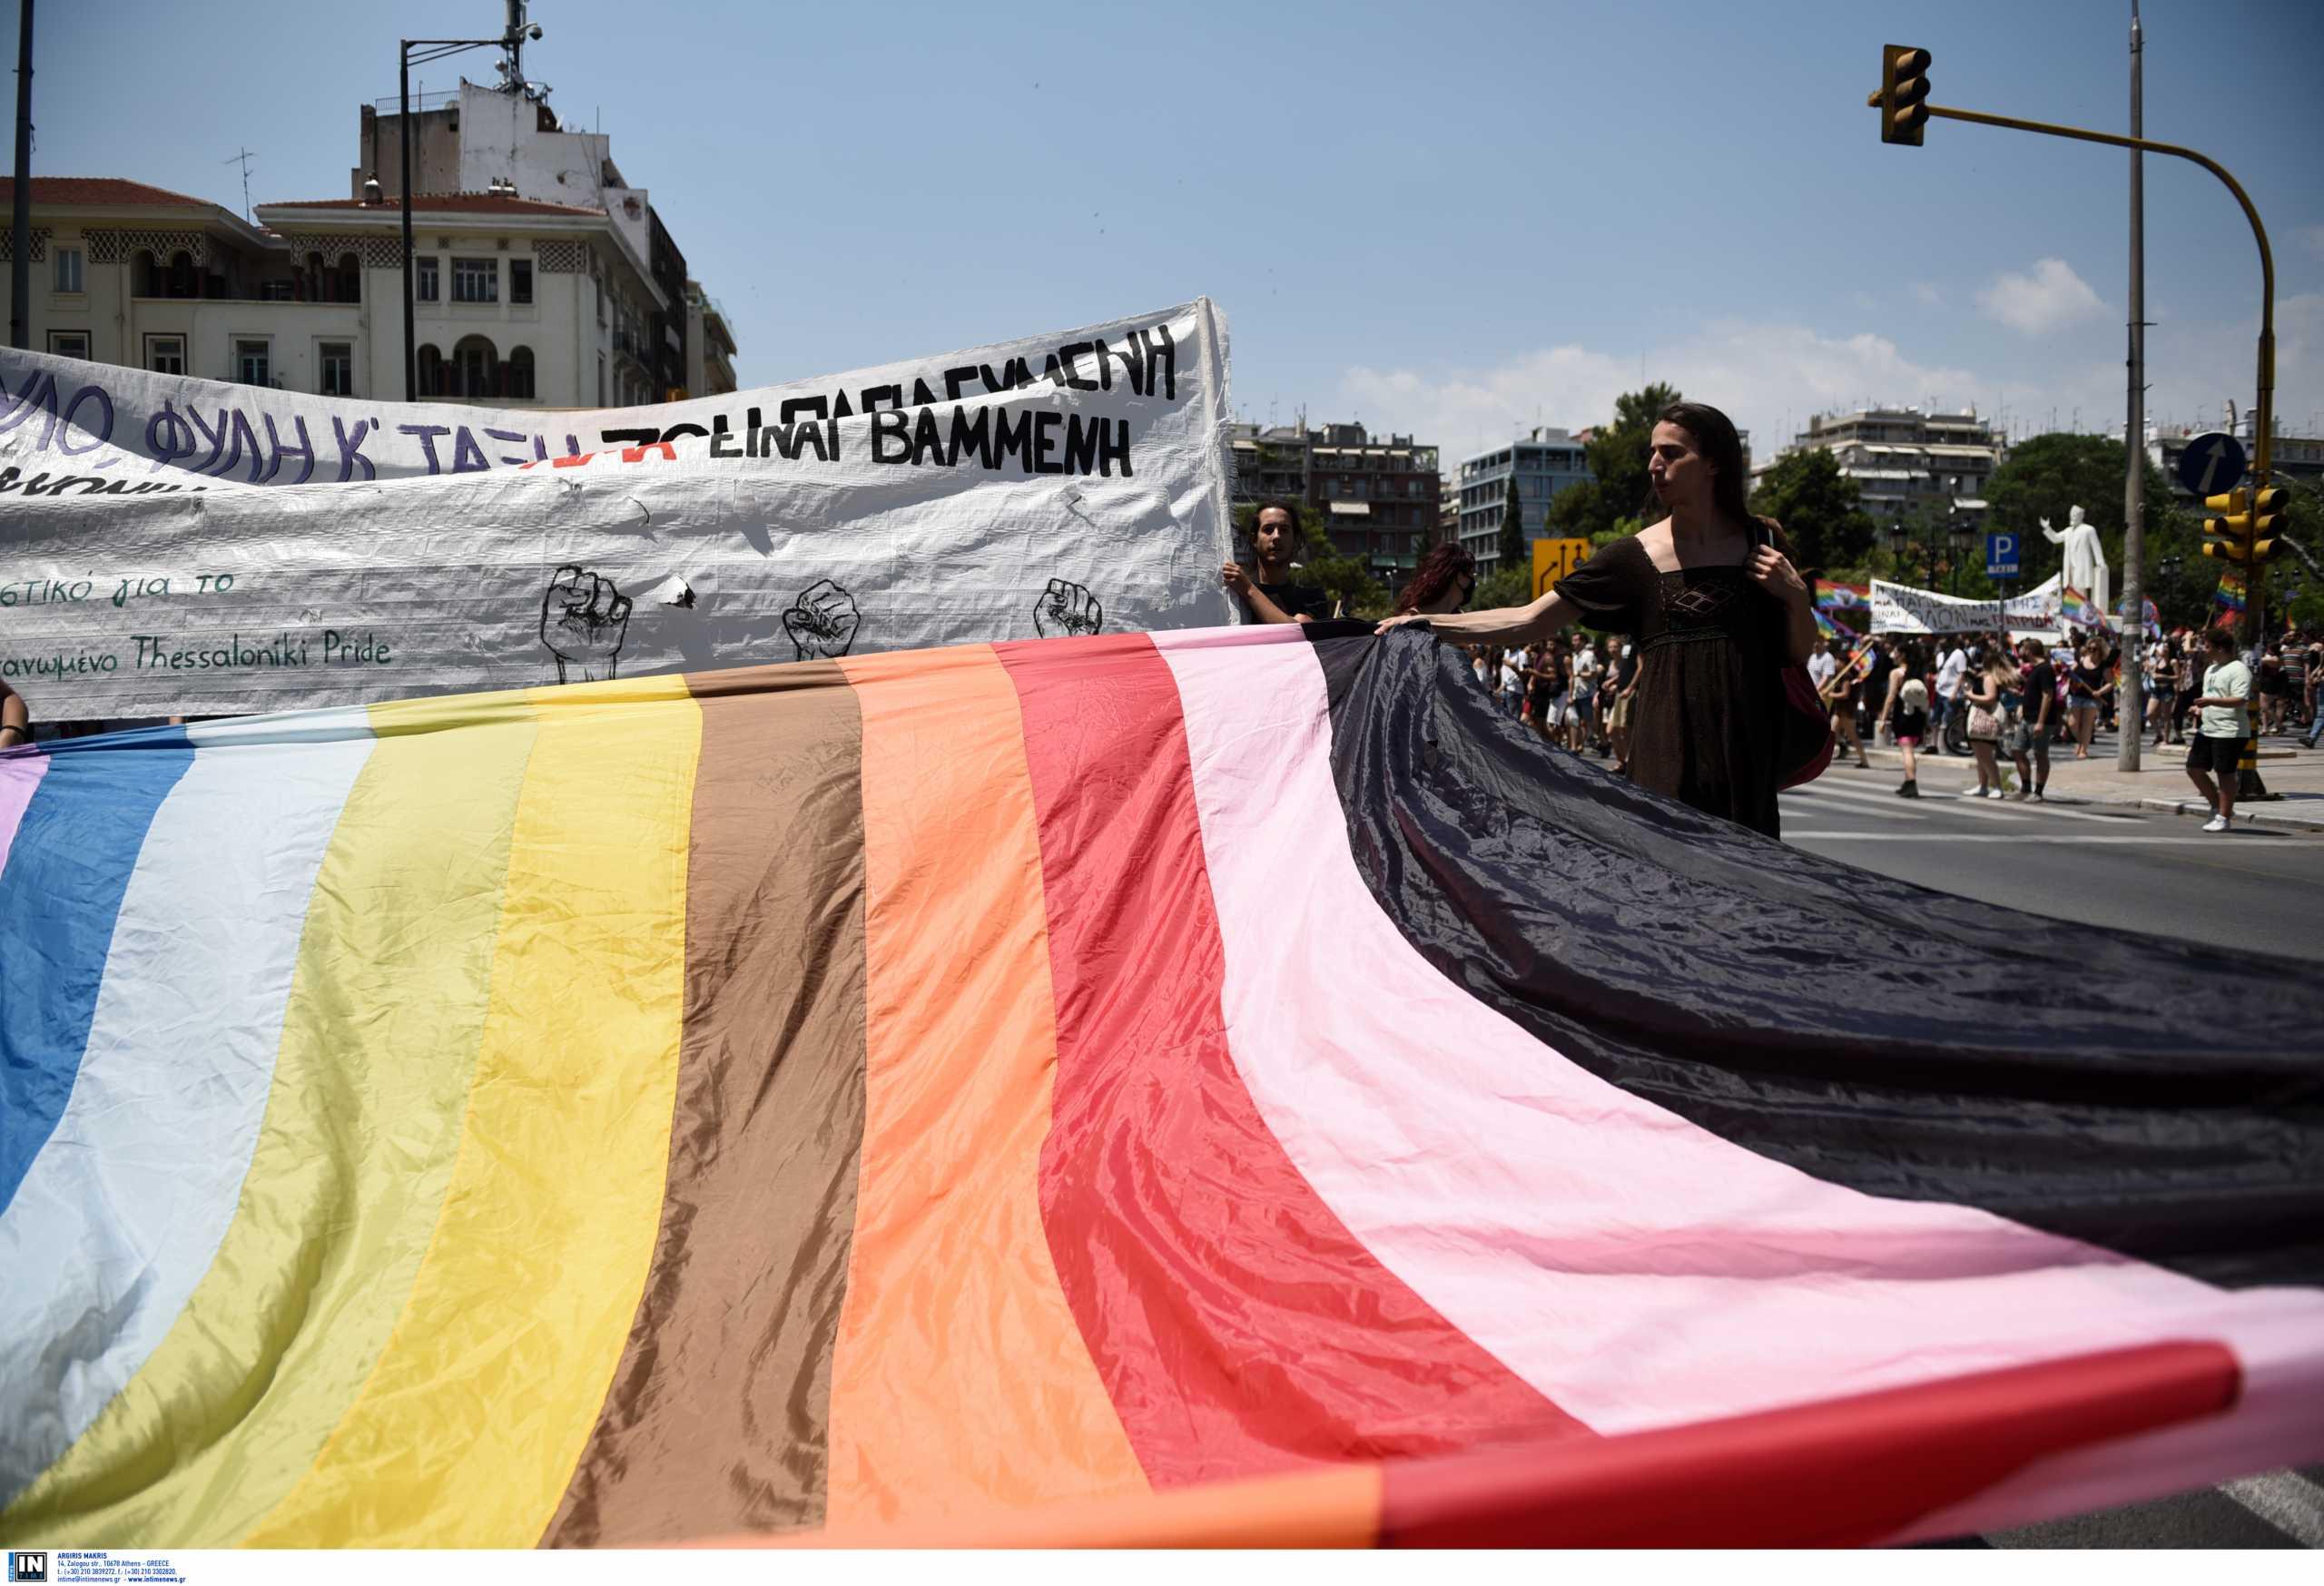 Έρευνα: Ένα στα τρία ΛΟΑΤΚΙ+ άτομα στην Ελλάδα έχει δεχτεί bullying σε δημόσιες υπηρεσίες